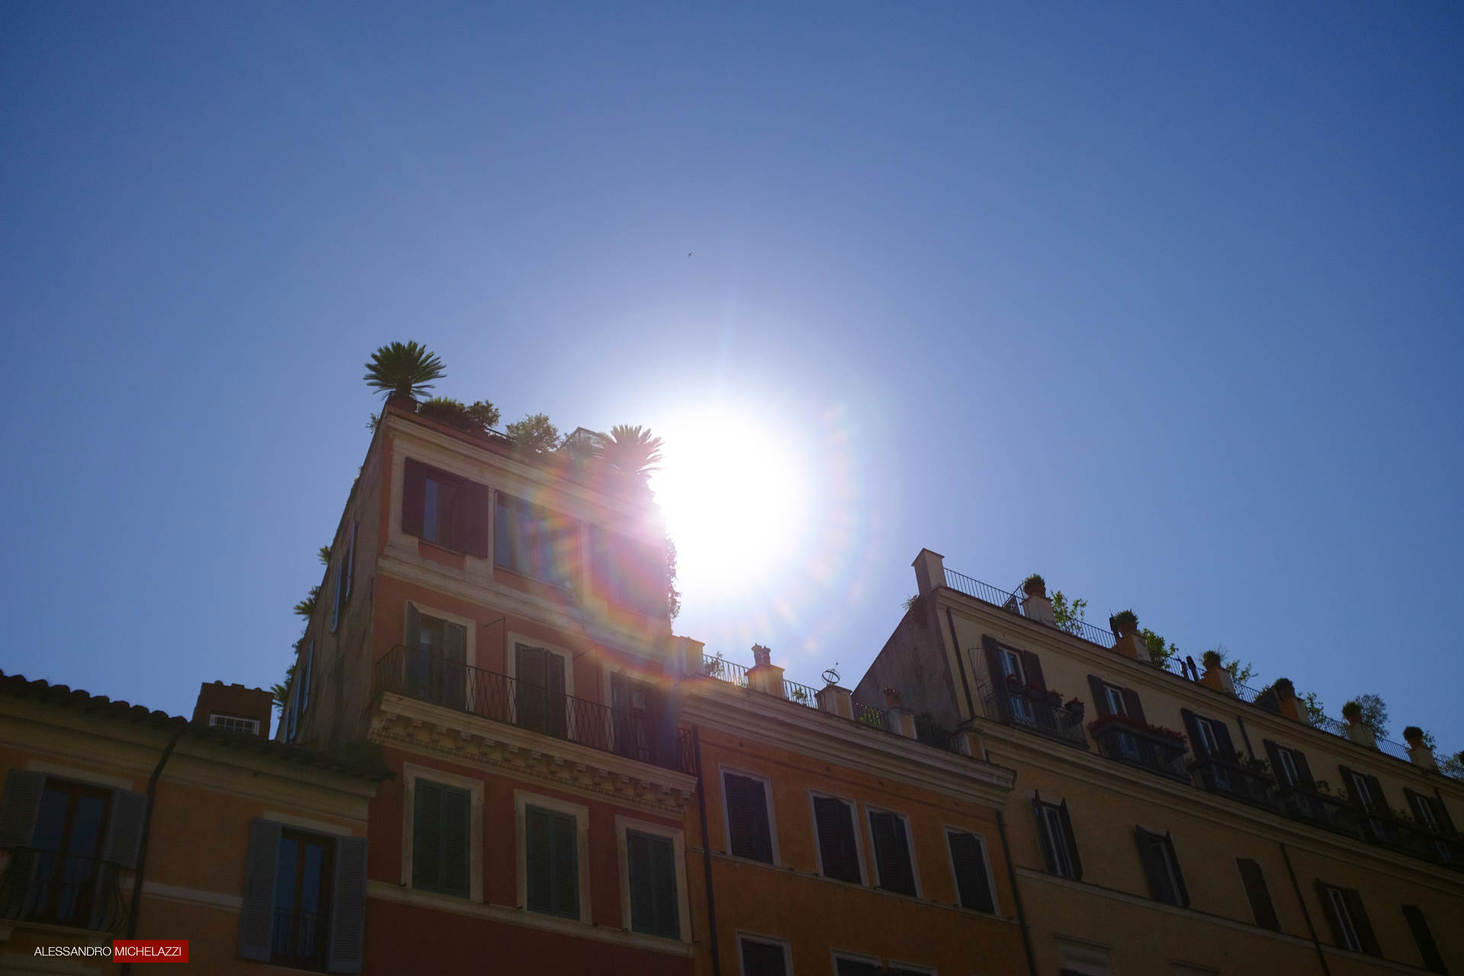 Alessandro-Michelazzi-Photography-Rome-Italy-20